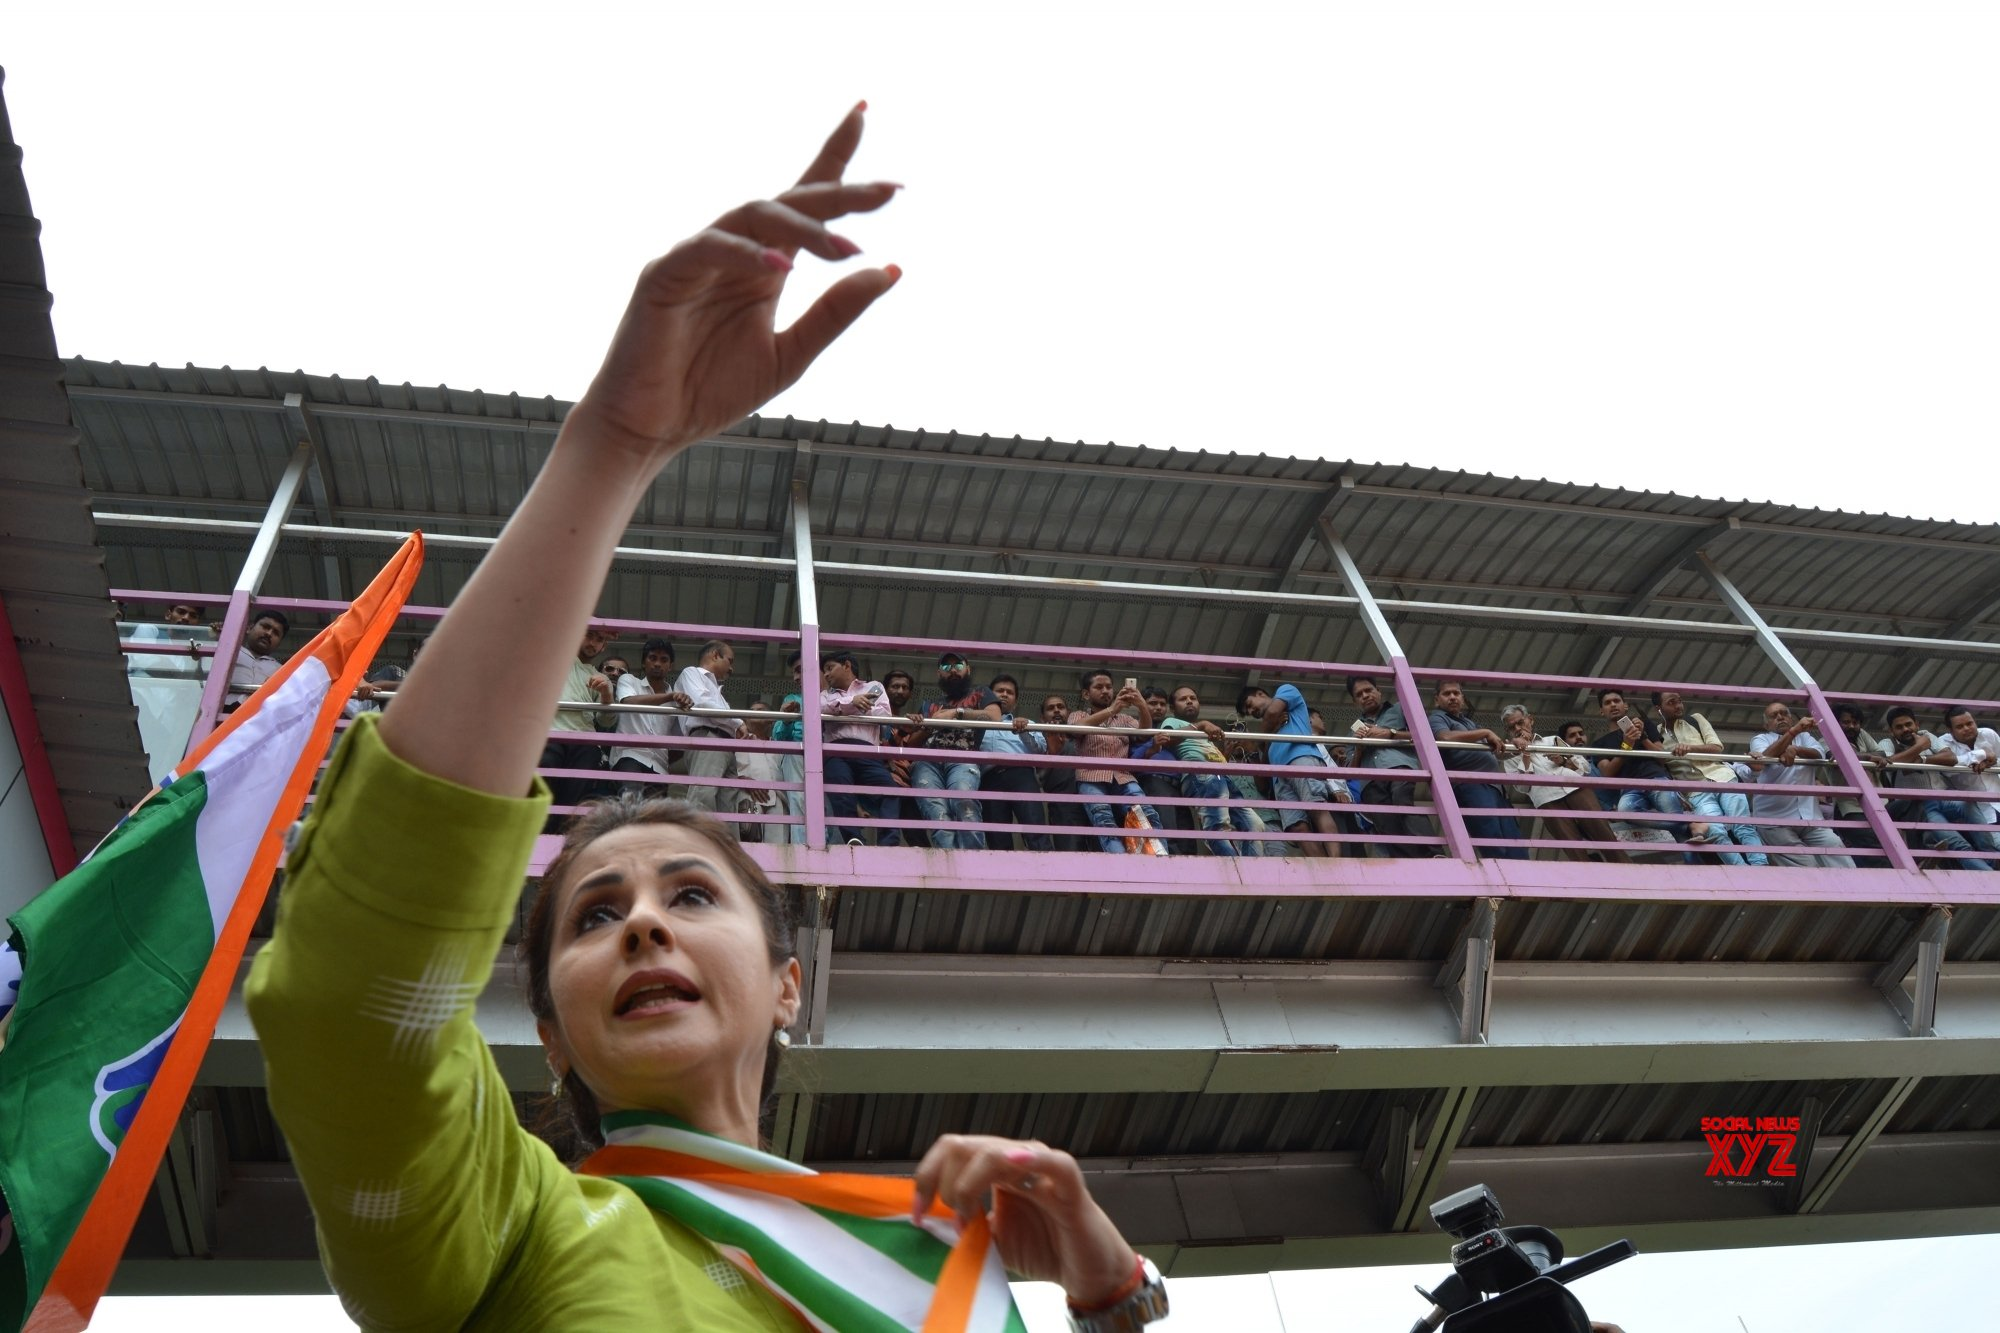 Urmila Matondkar's 'leaked' letter fuels feud in Mumbai Congress